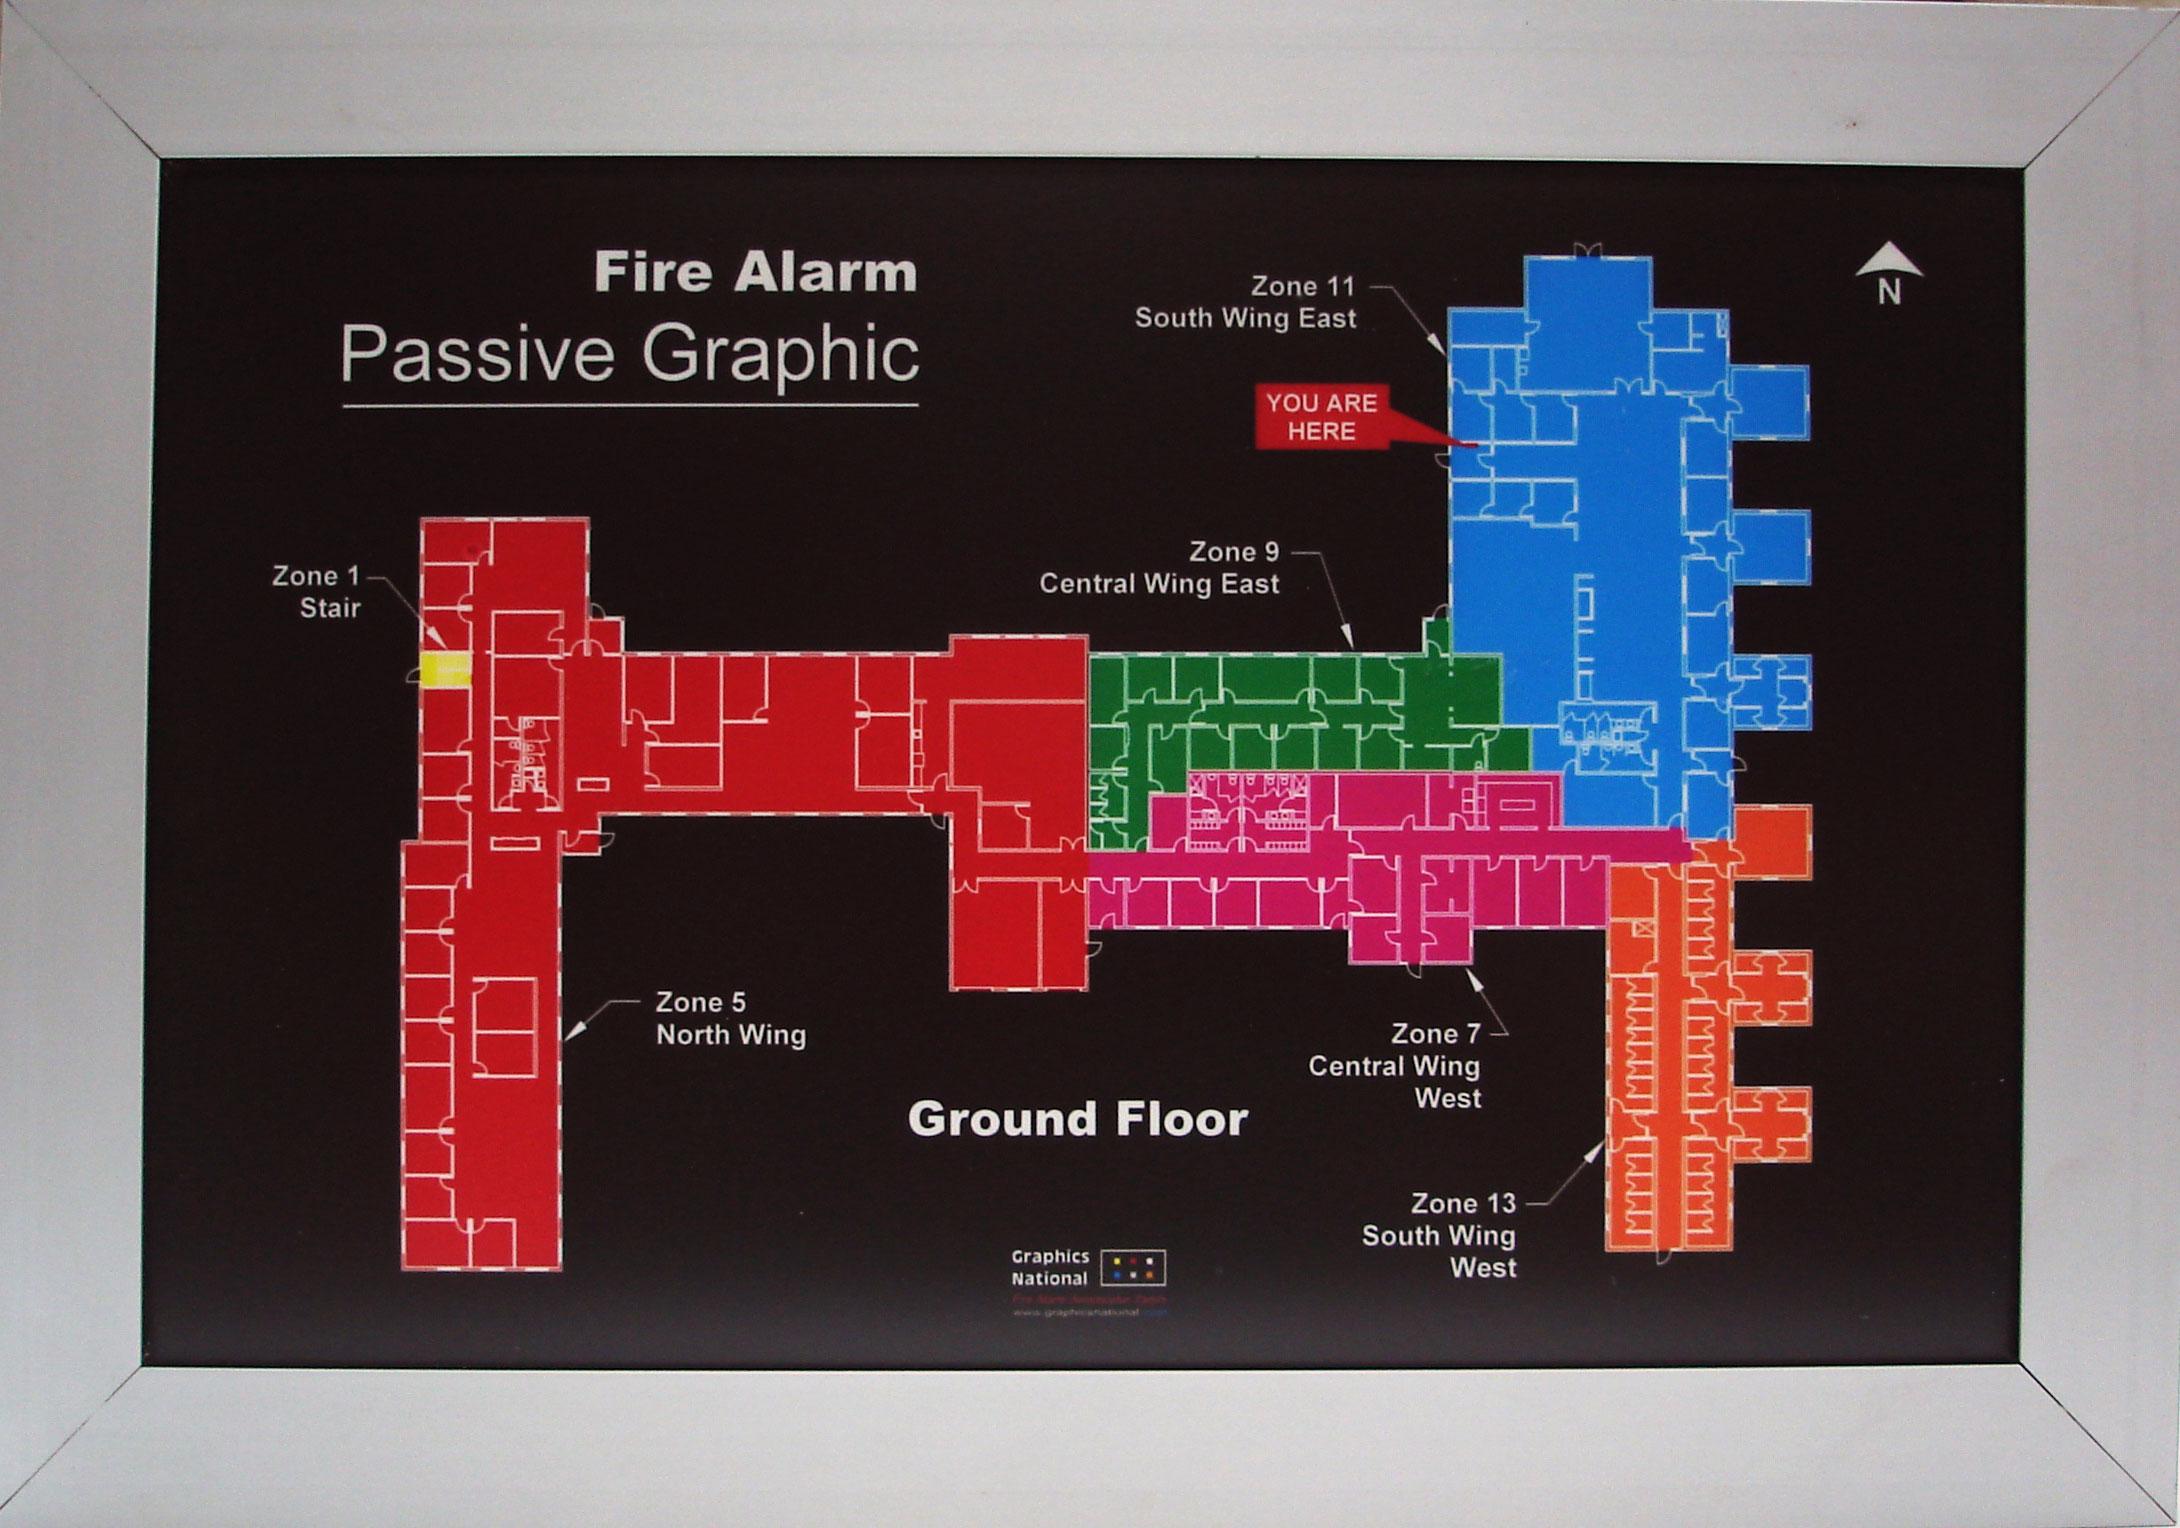 Fire Alarm Passive Graphic